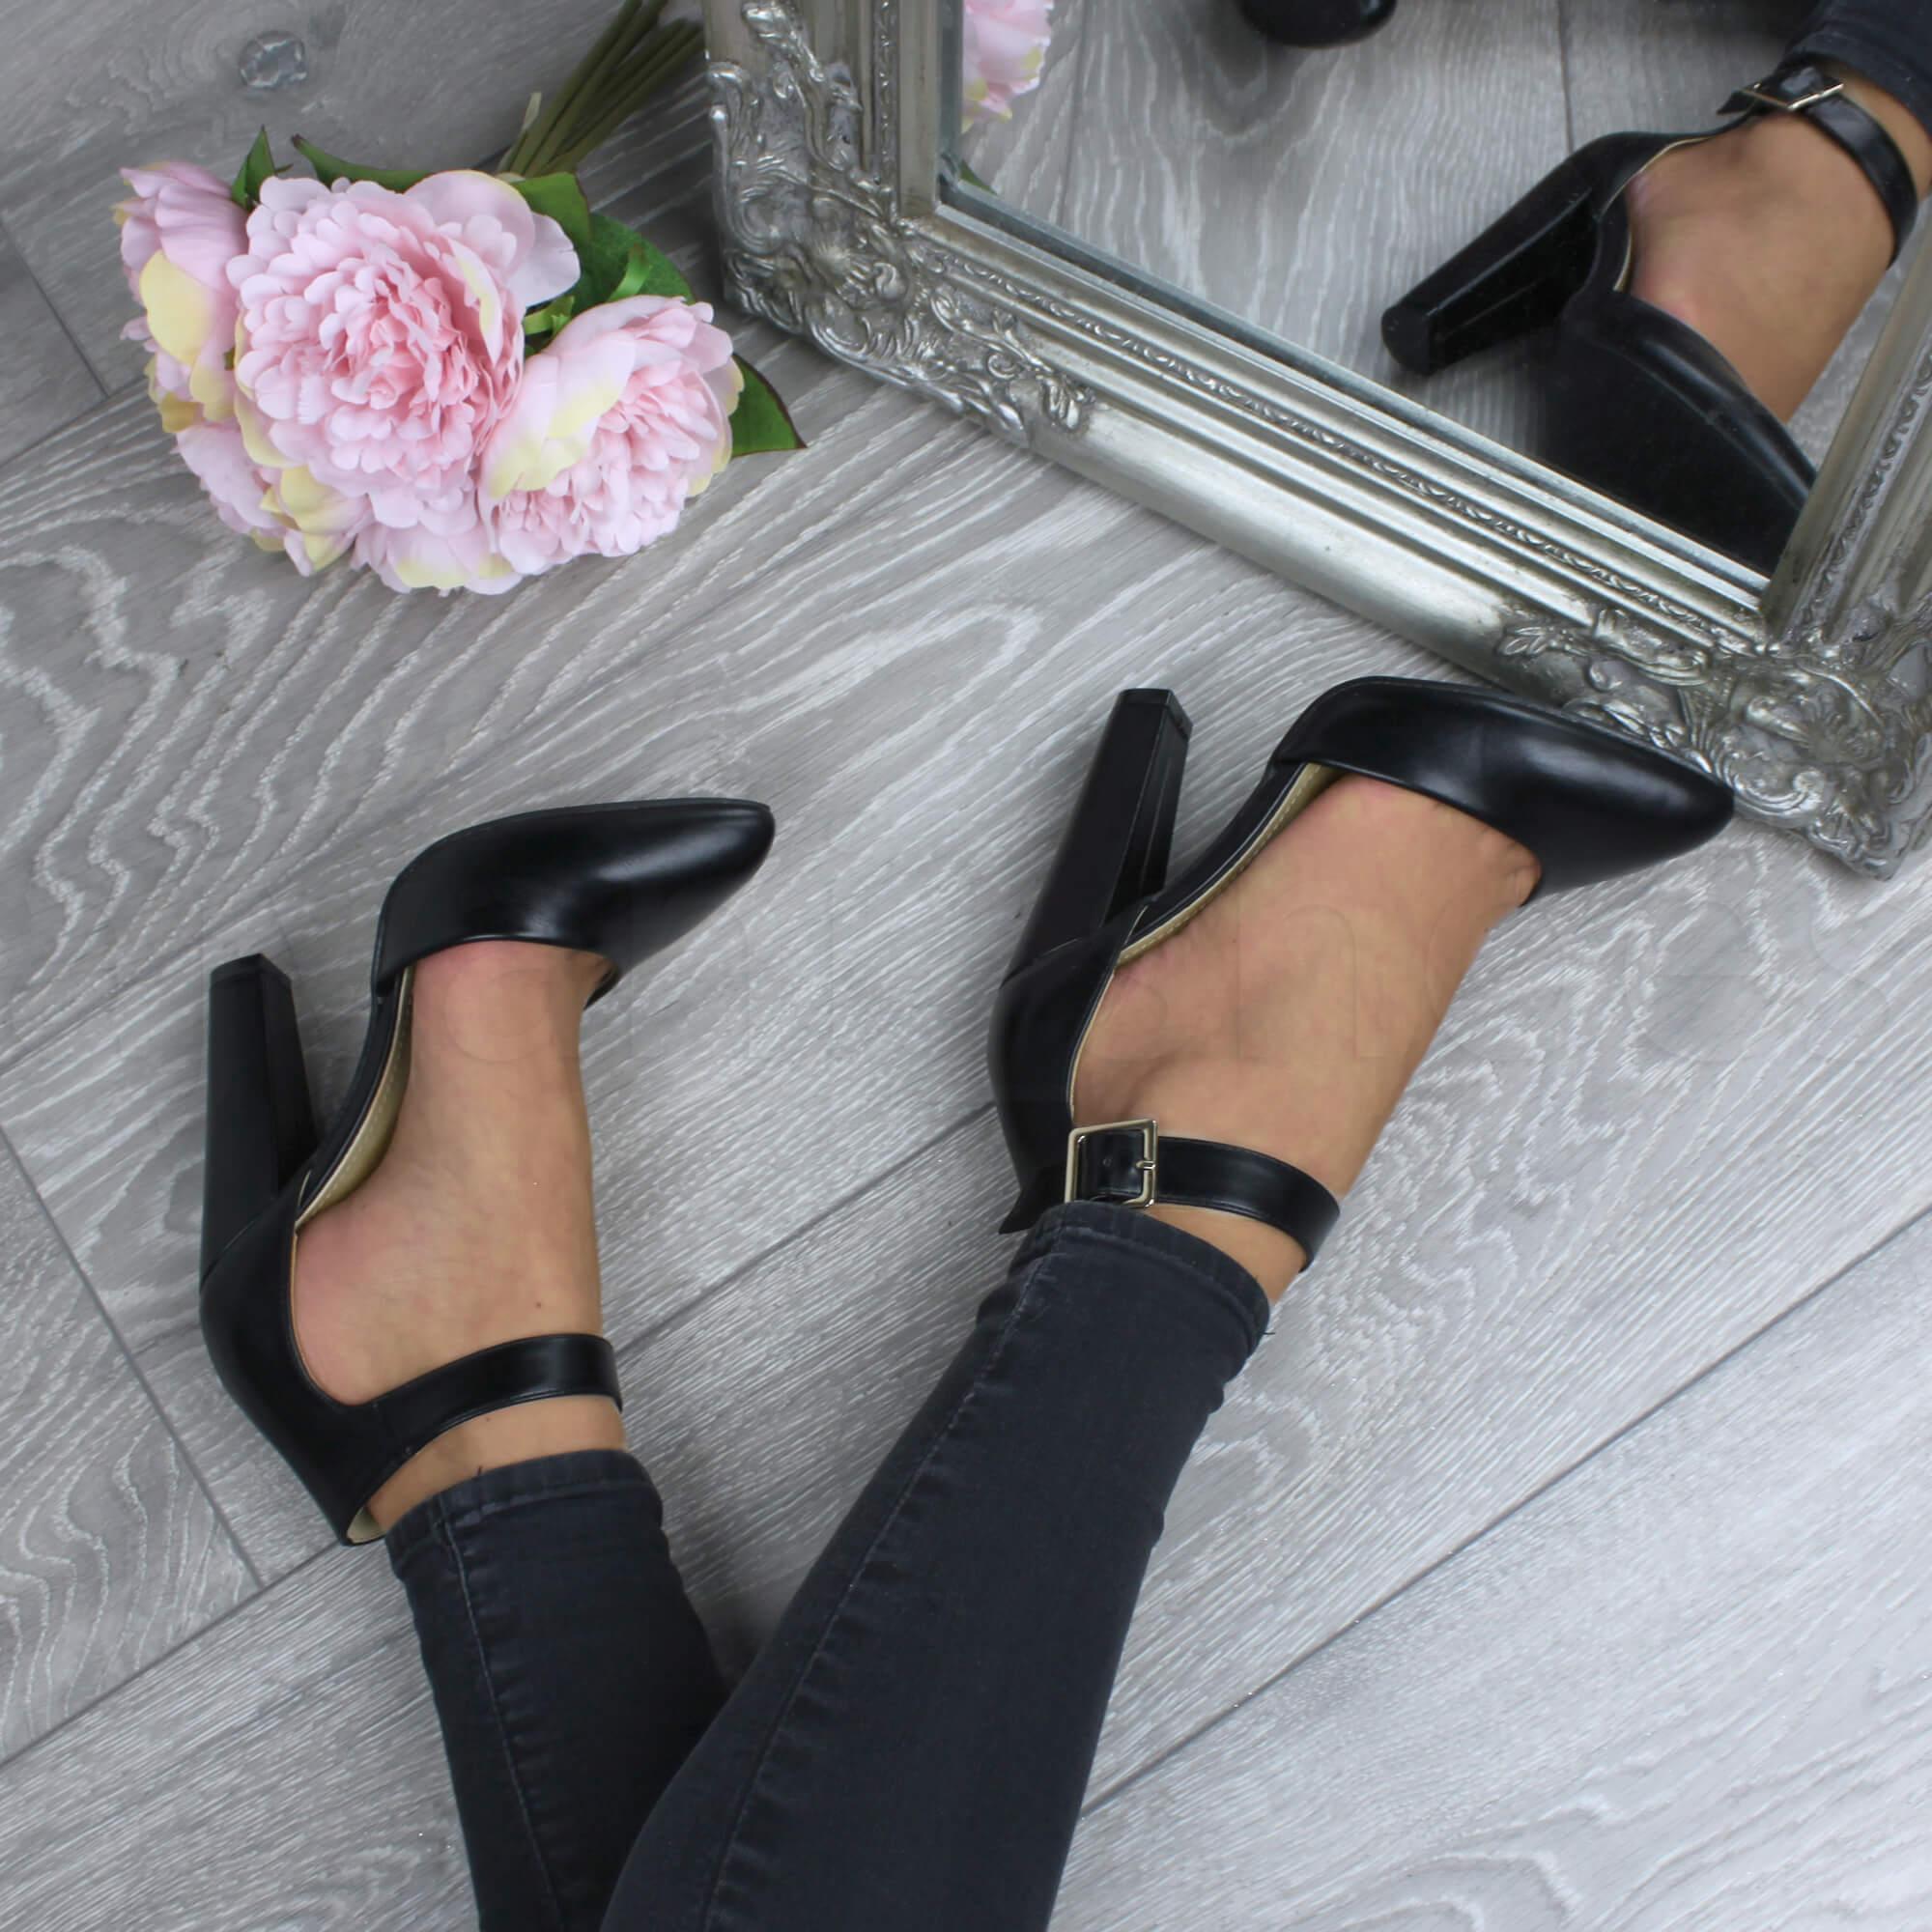 Mujeres-tacon-alto-bloque-hebilla-puntiagudas-zapatos-de-salon-escarpines-talla